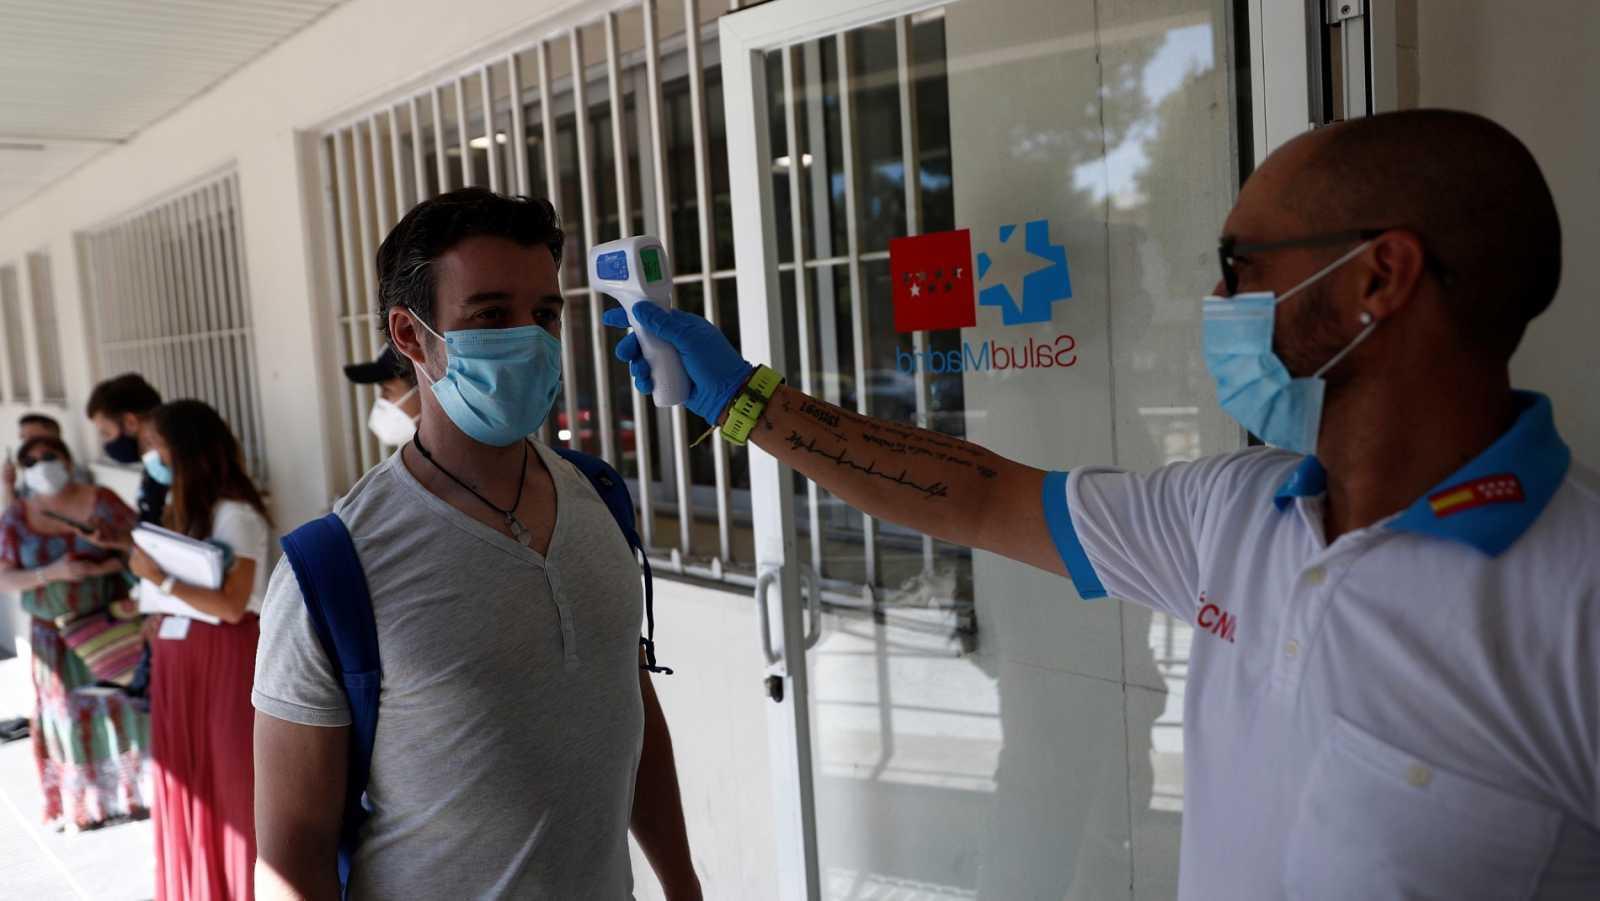 Un sanitario toma la temperatura a una persona que espera para realizarse una prueba de PCR en Madrid